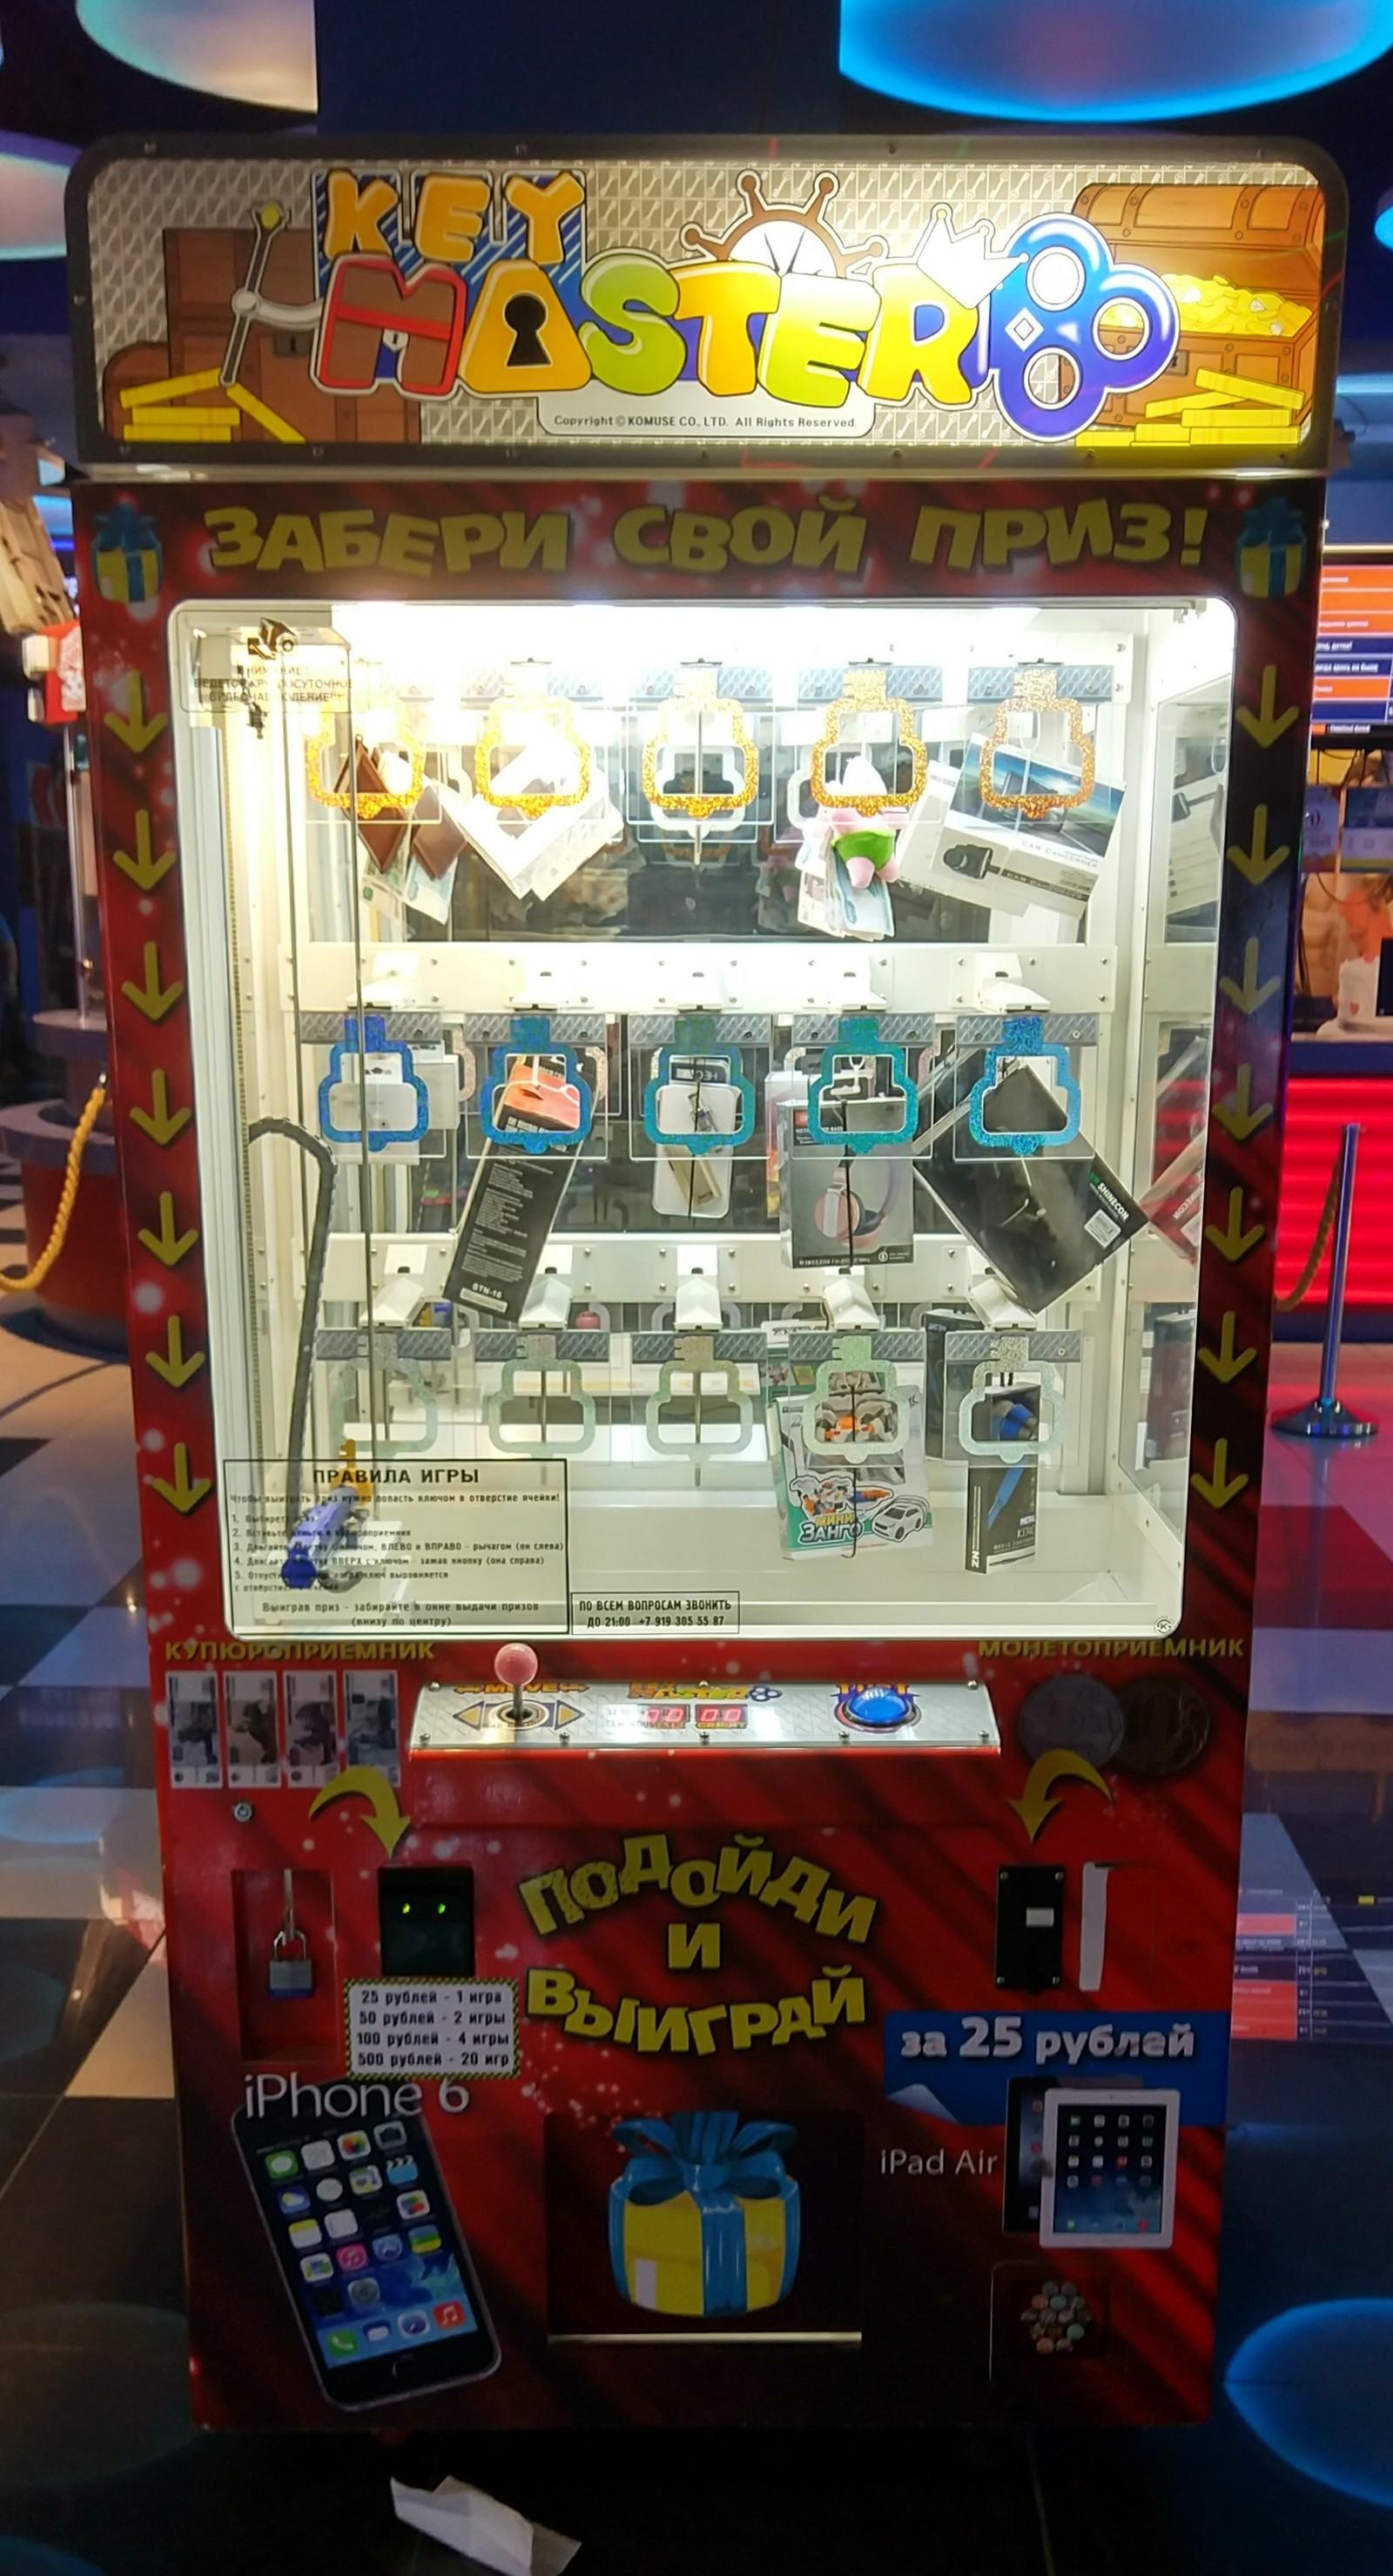 Игровые аппараты в челябинске казино в переводе гаврилова смотреть онлайн